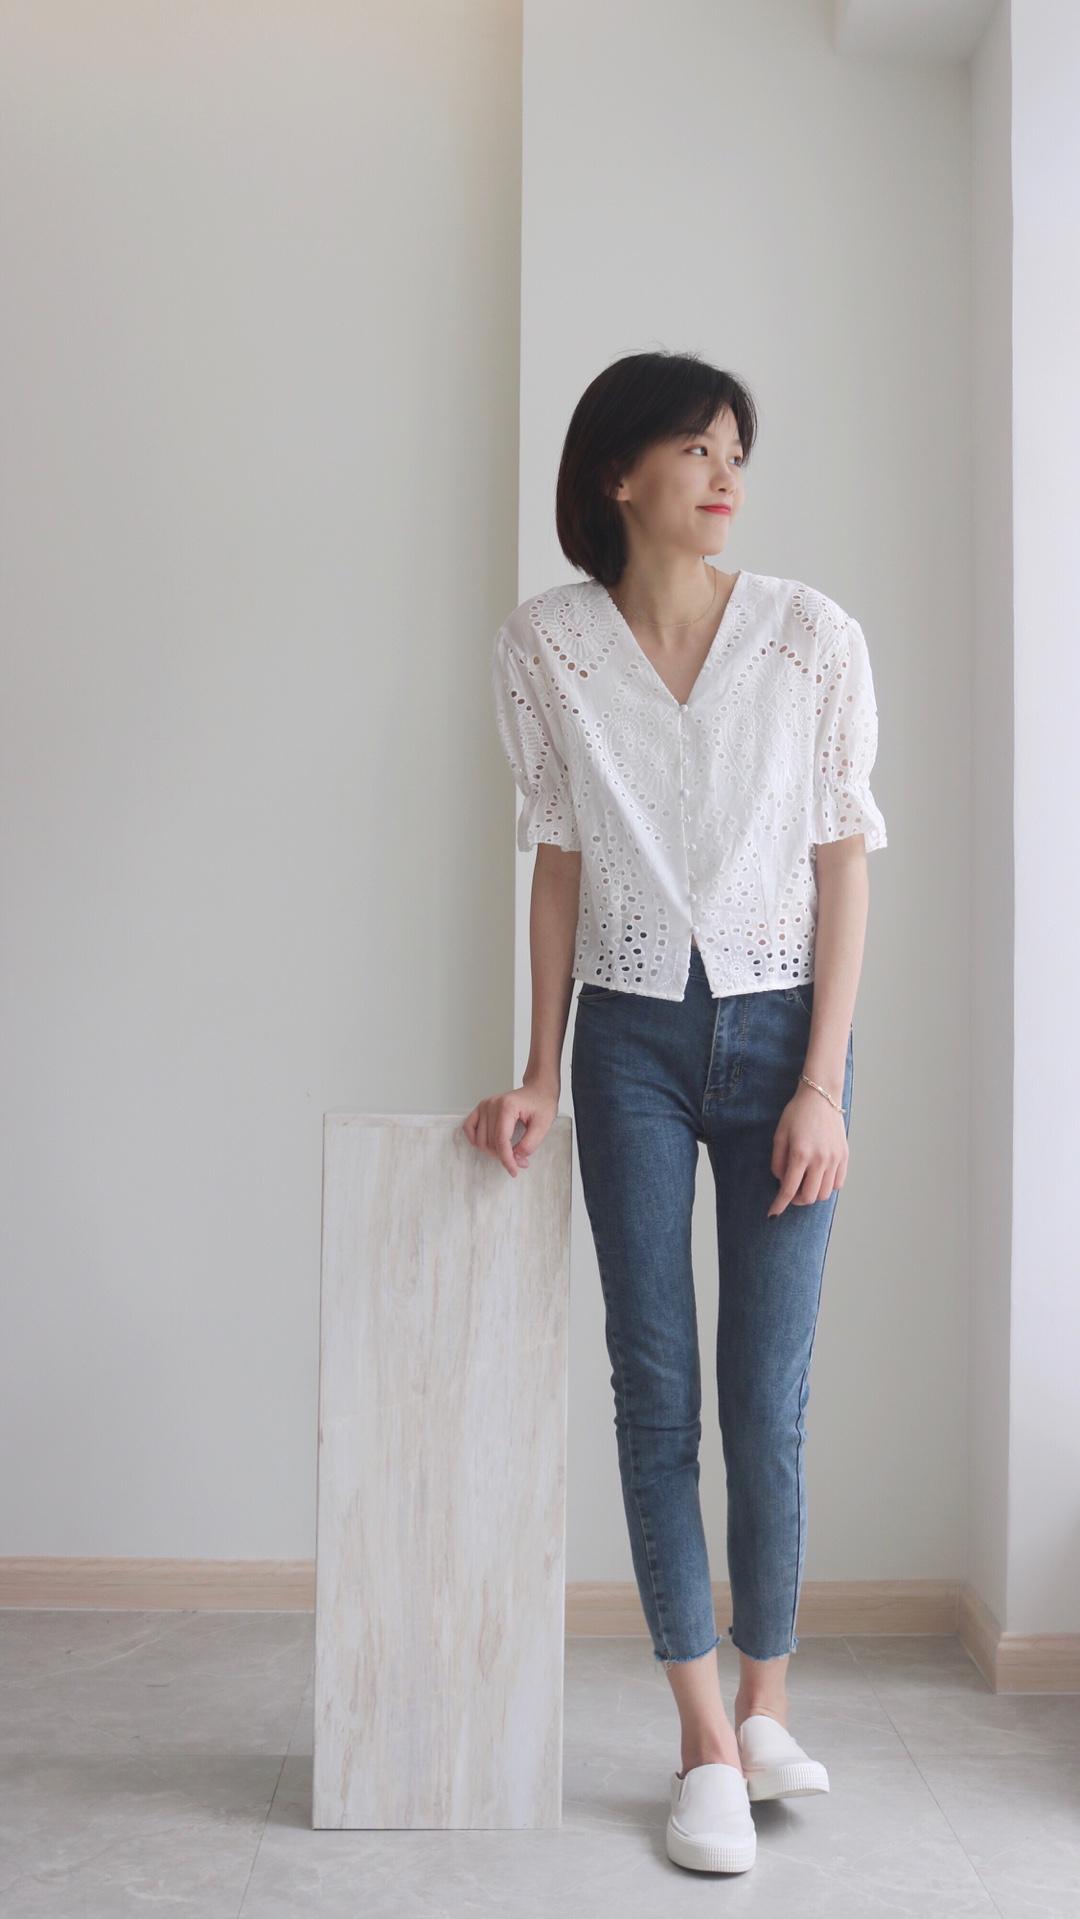 #520,男朋友希望你这么穿!# 这条牛仔裤是大码的 大码女孩穿紧身牛仔裤才撑得起来 显得人没那么干瘪又有点肉感 是很好看的👖 上衣就是男朋友最喜欢的白衬衫 加了一些小心思 勾花镂空刺绣设计 宽松V领又显脸小 十分洋气的约会上衣💕 ————————————— 话说你们都喜欢怎么穿小白鞋 我喜欢踩着穿